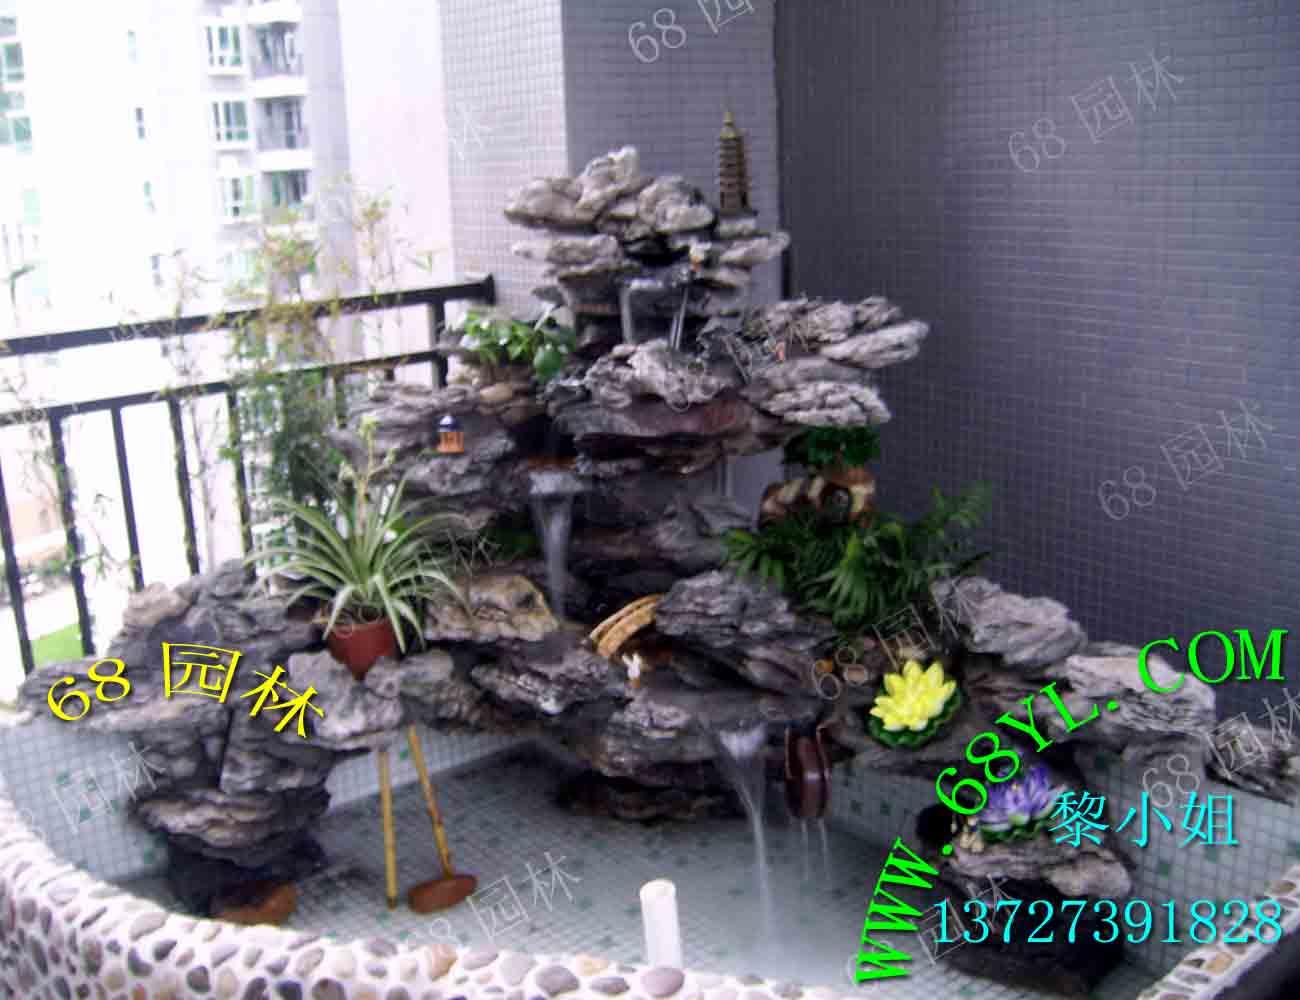 供應入戶花園英石假山魚池制作/廣州佛山上門制作的